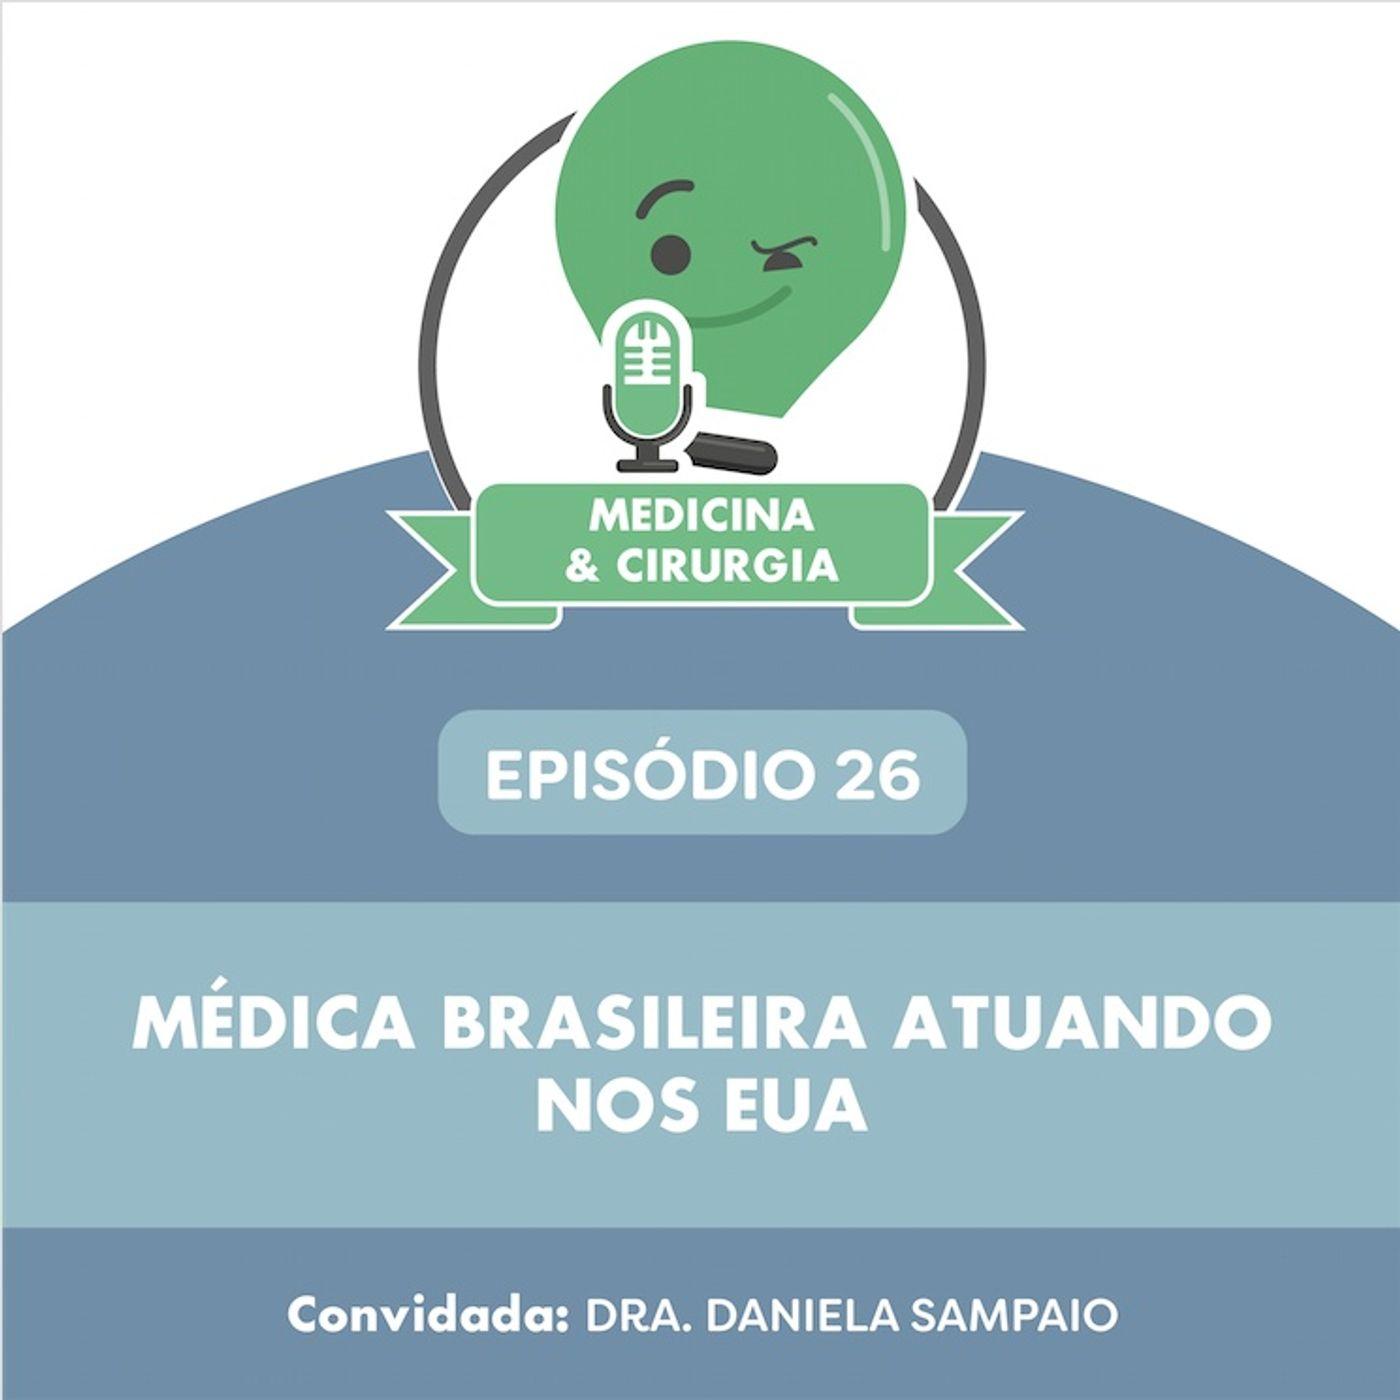 26 - Médica brasileira atuando nos EUA